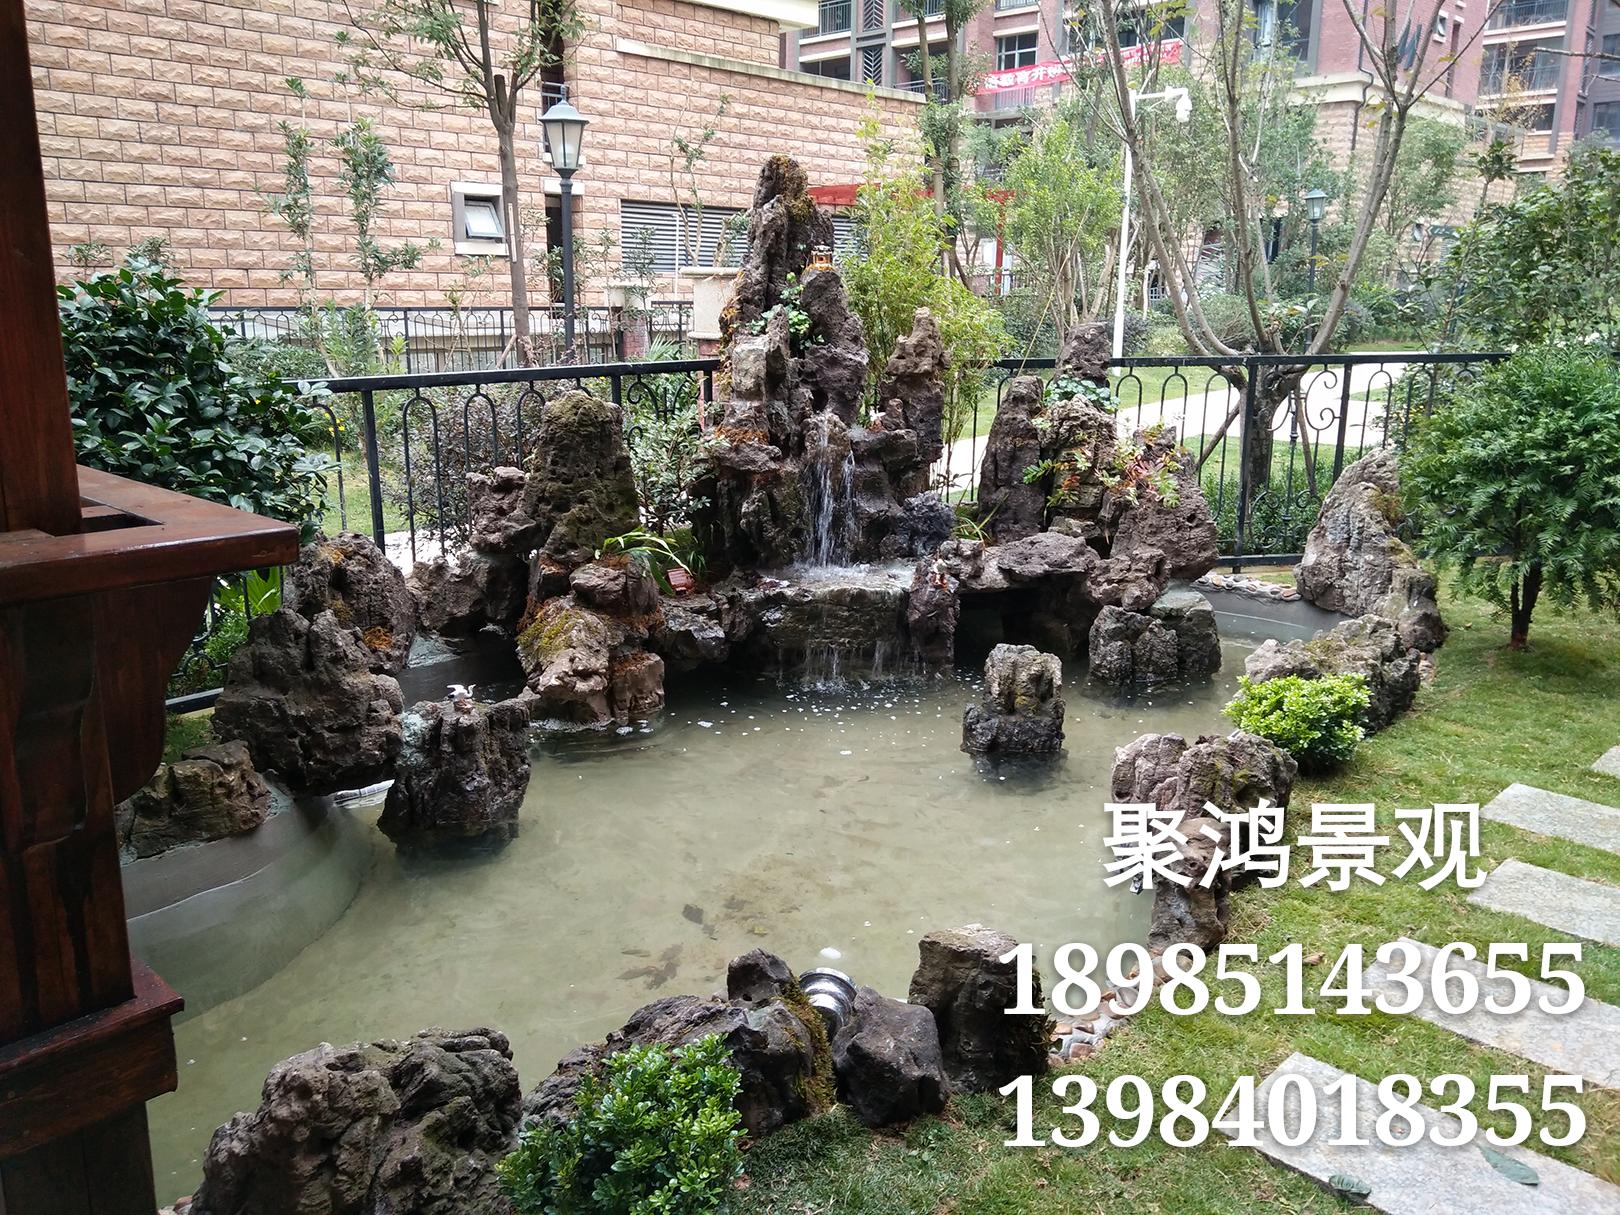 威斯尼斯人203626com园林景观设计